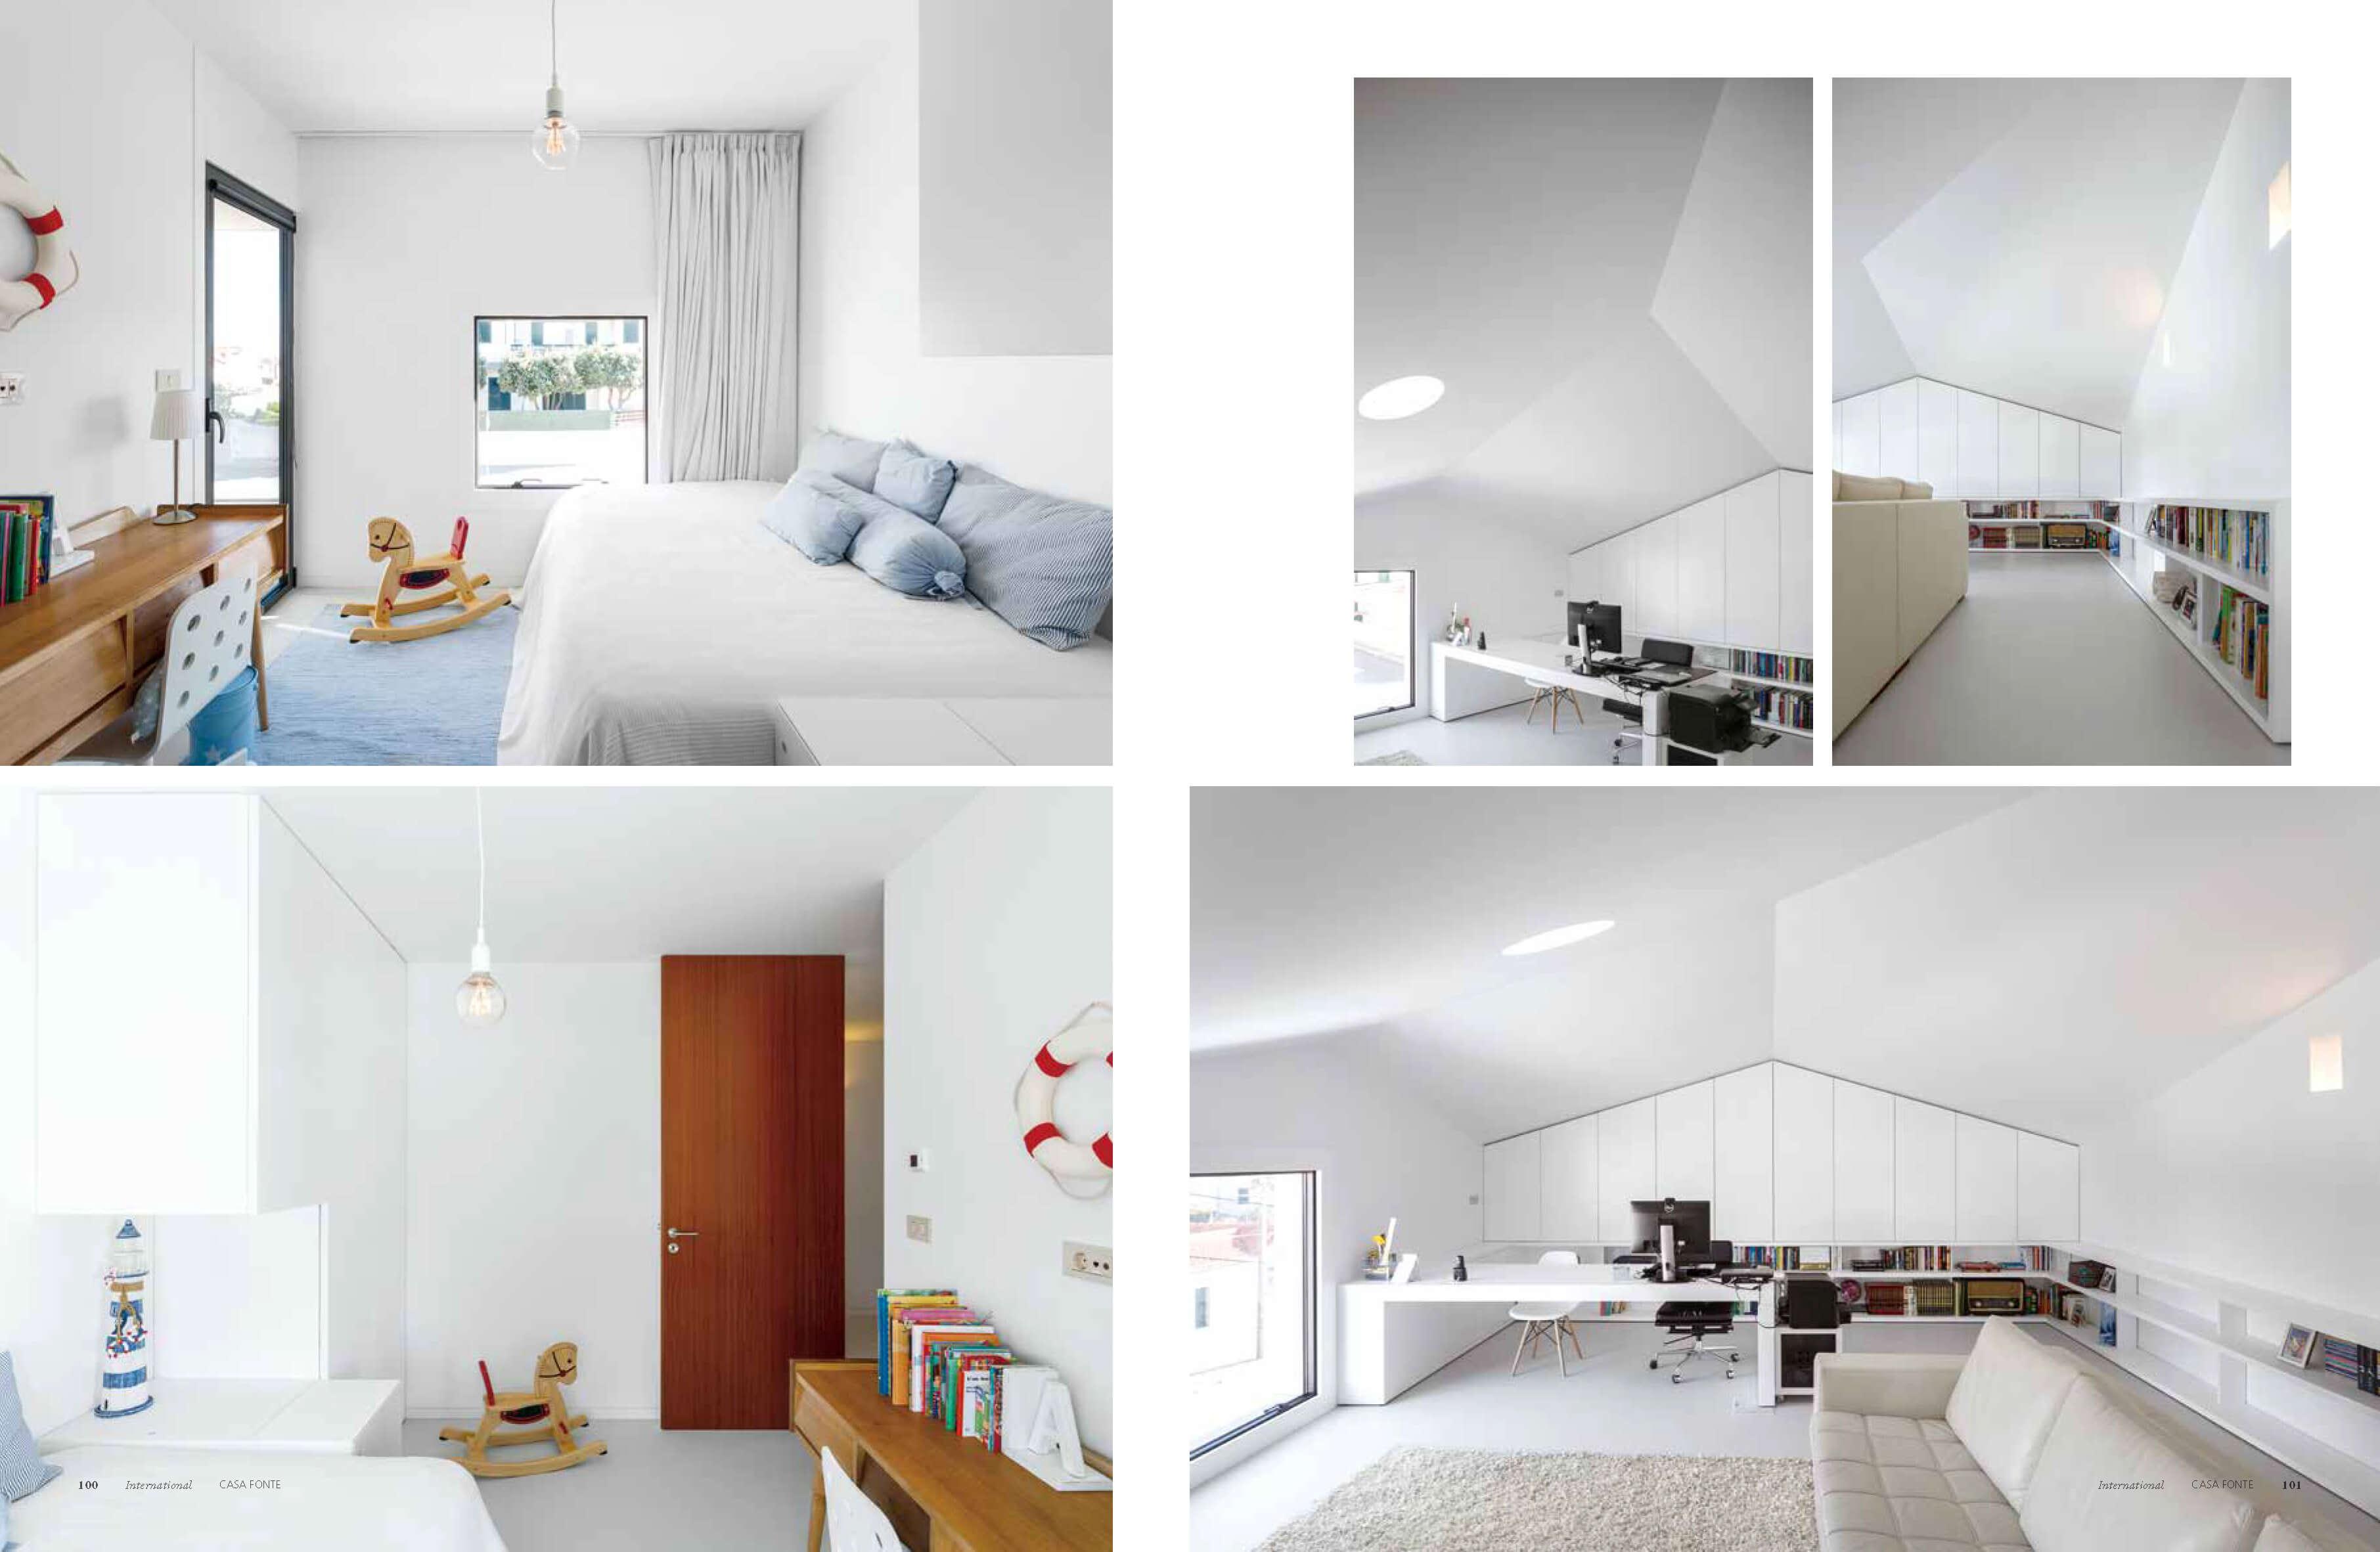 Deco Jornal Revista Arquitetura Lousinha Arquitectos Página 6 do fotografo Ivo Tavares Studio